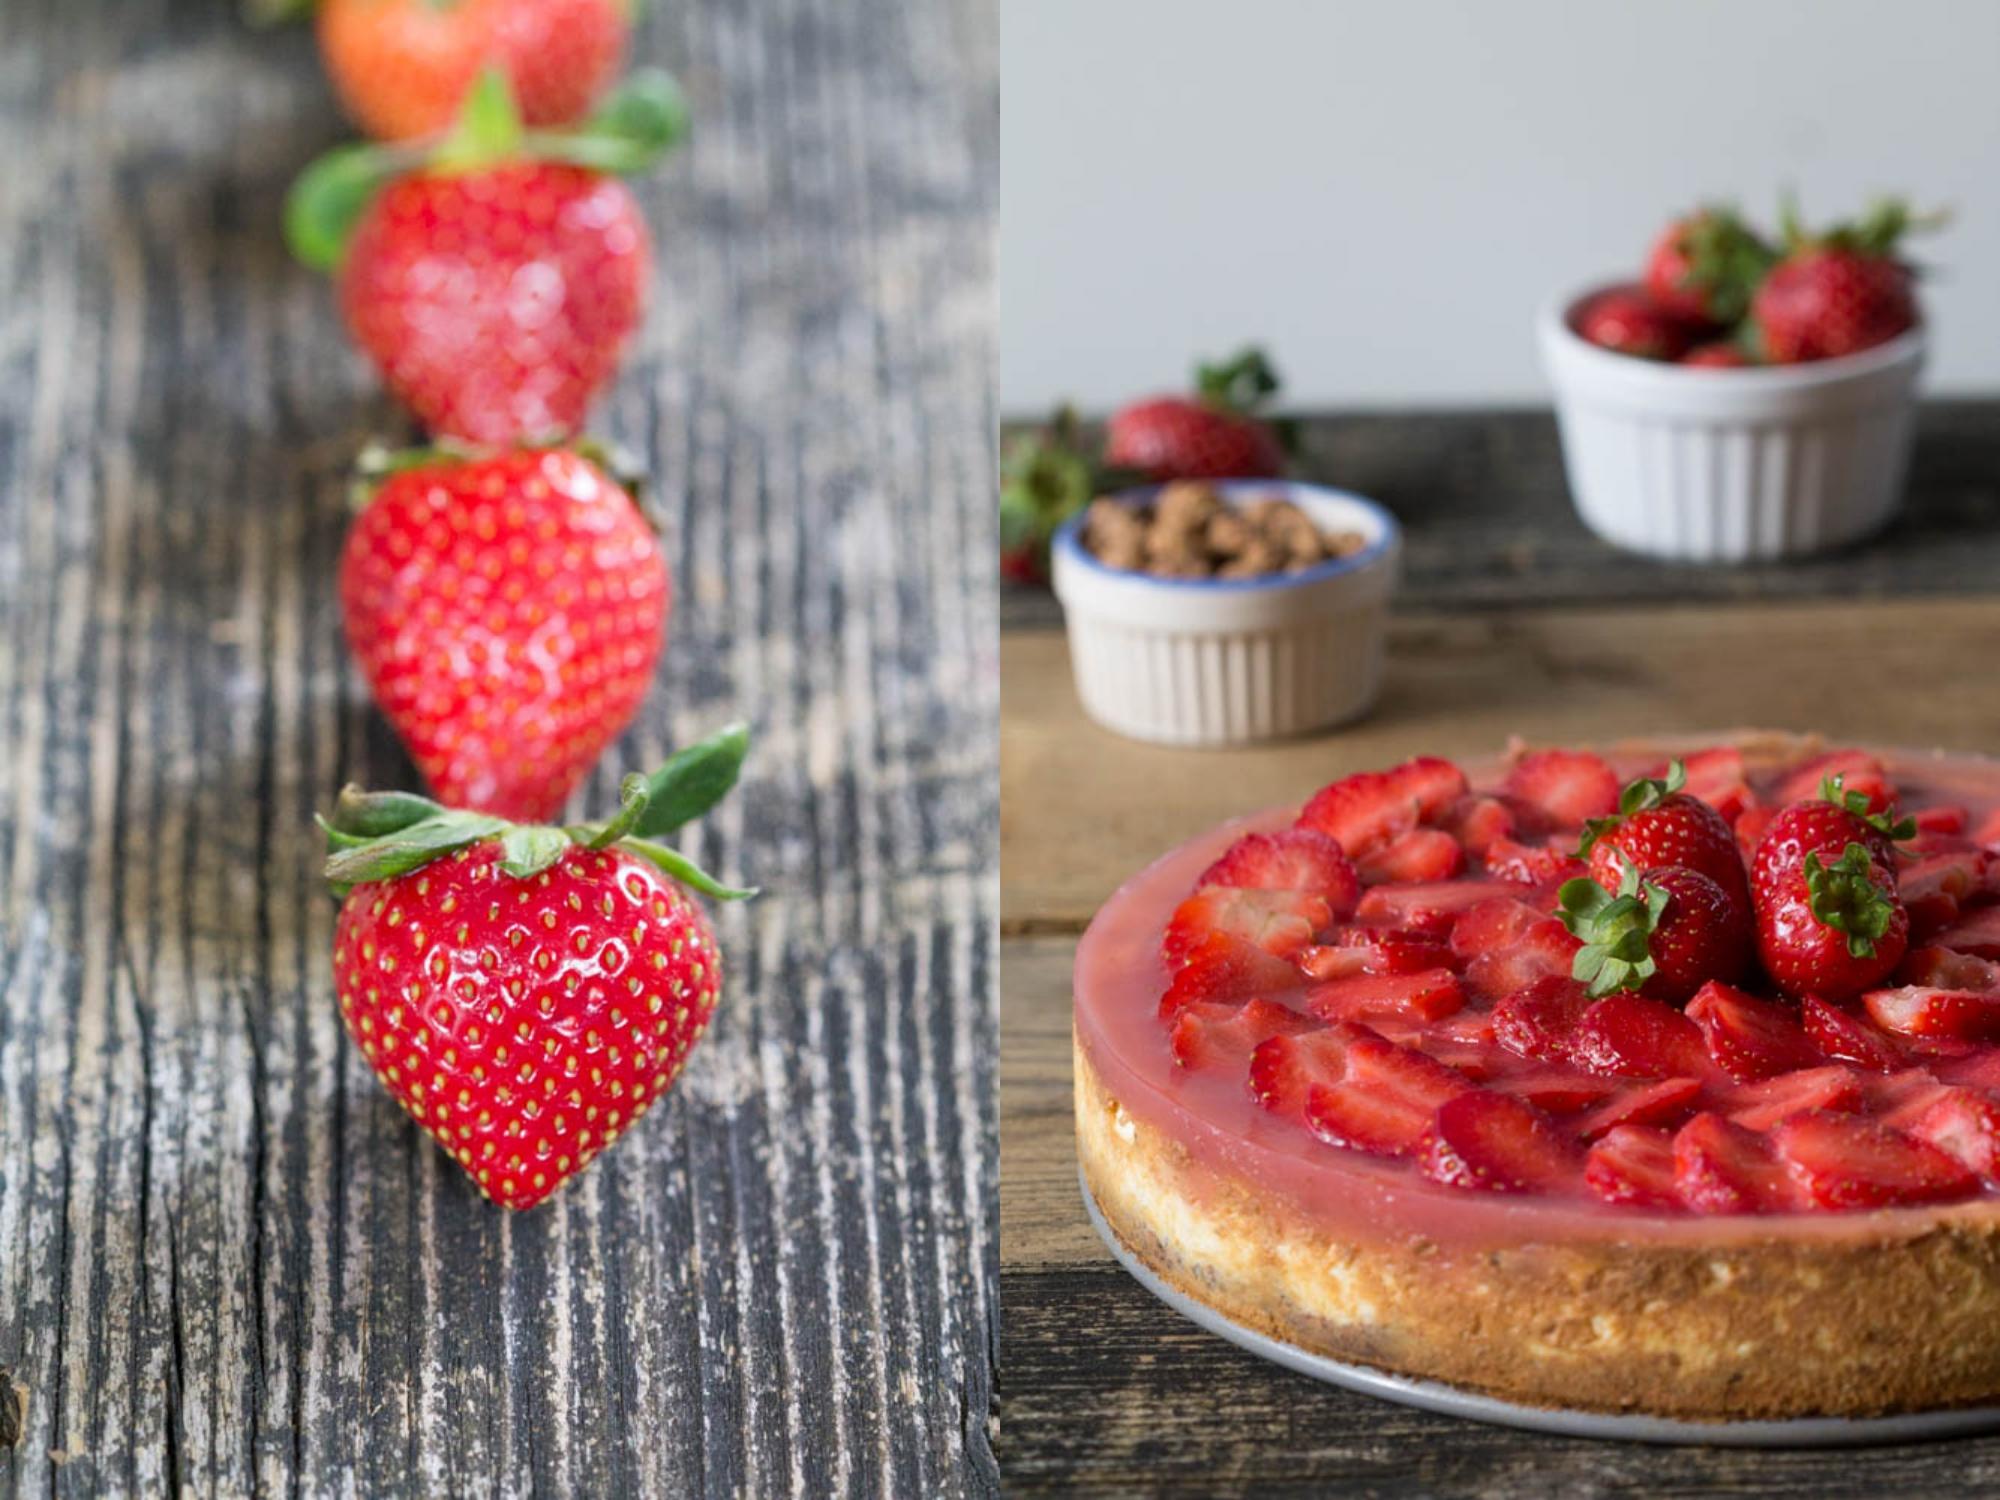 FAIBLE_Erdbeer-Cheesecake mit Erdmandel 4